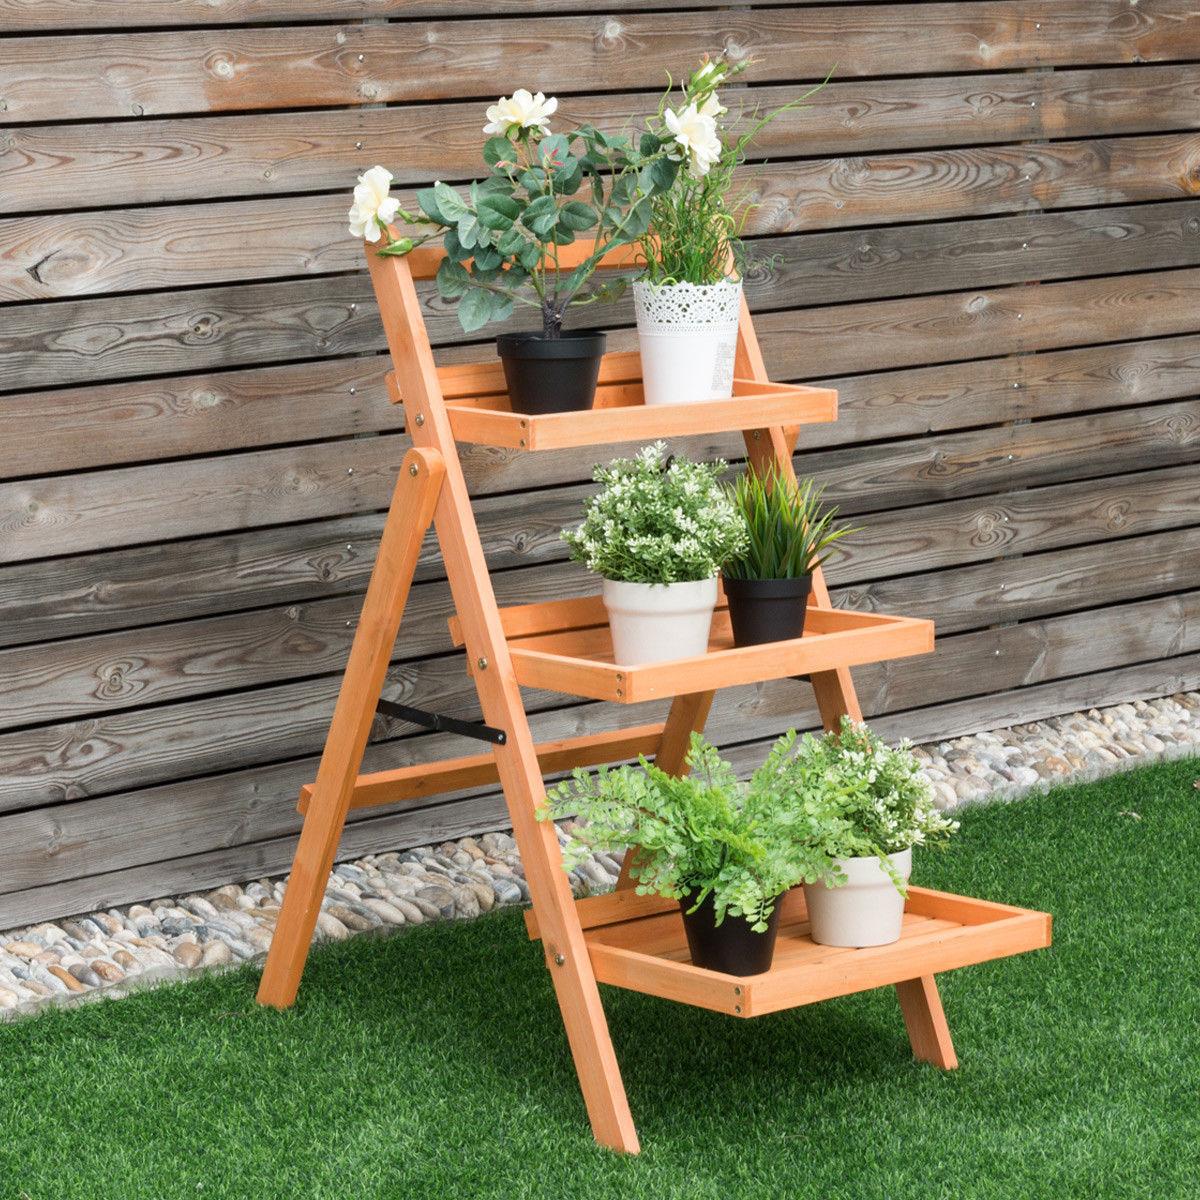 3 Tier Outdoor Wood Flower Folding Pot Shelf Stand